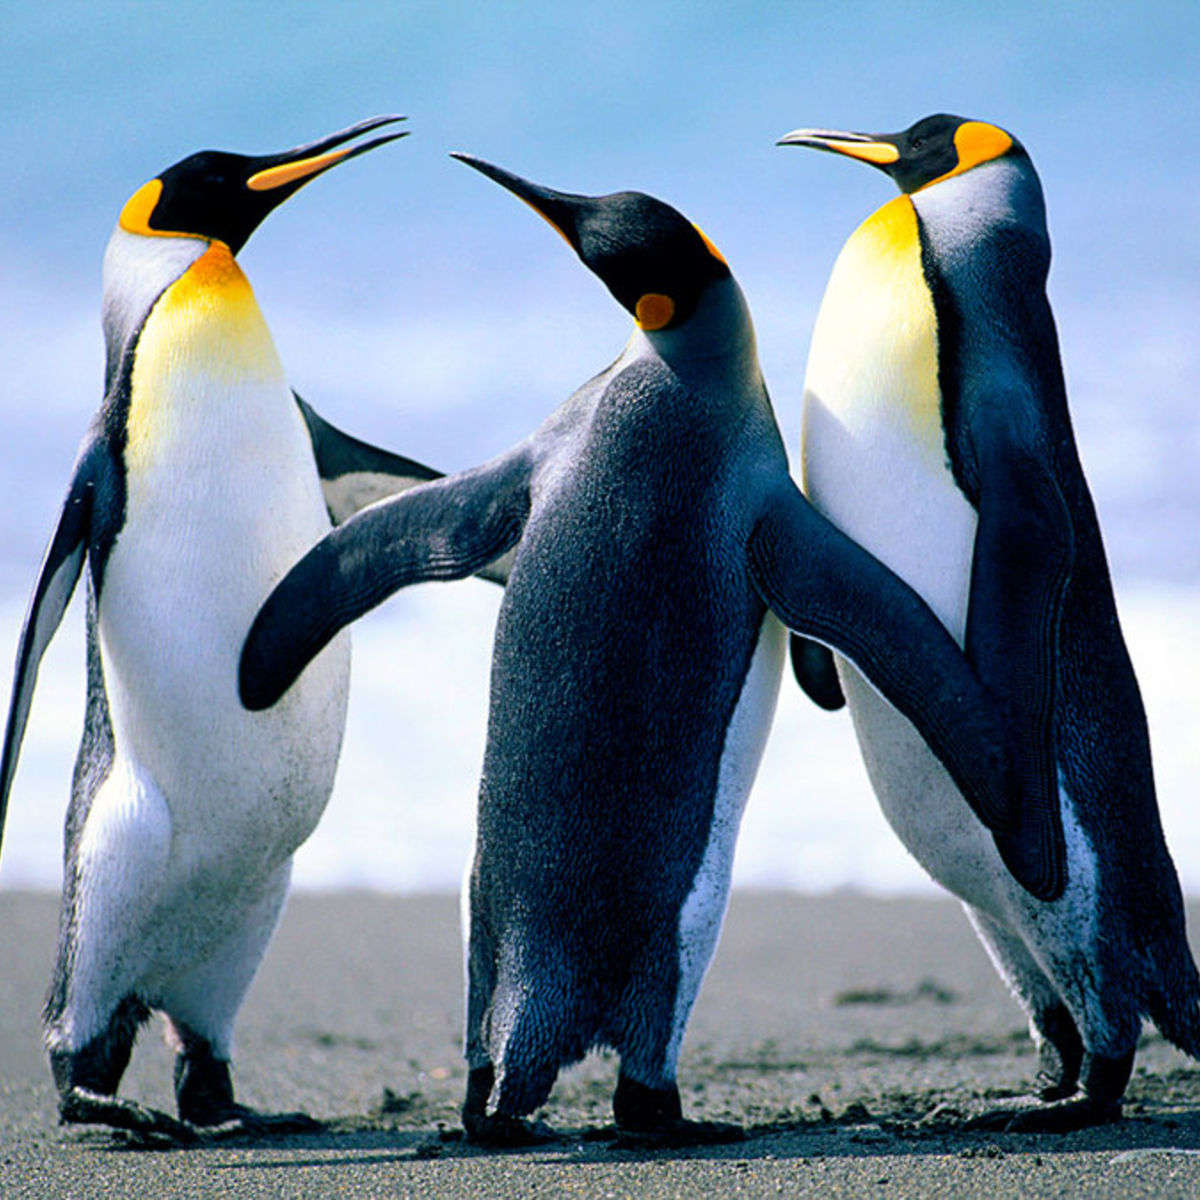 Penguins_1.jpg